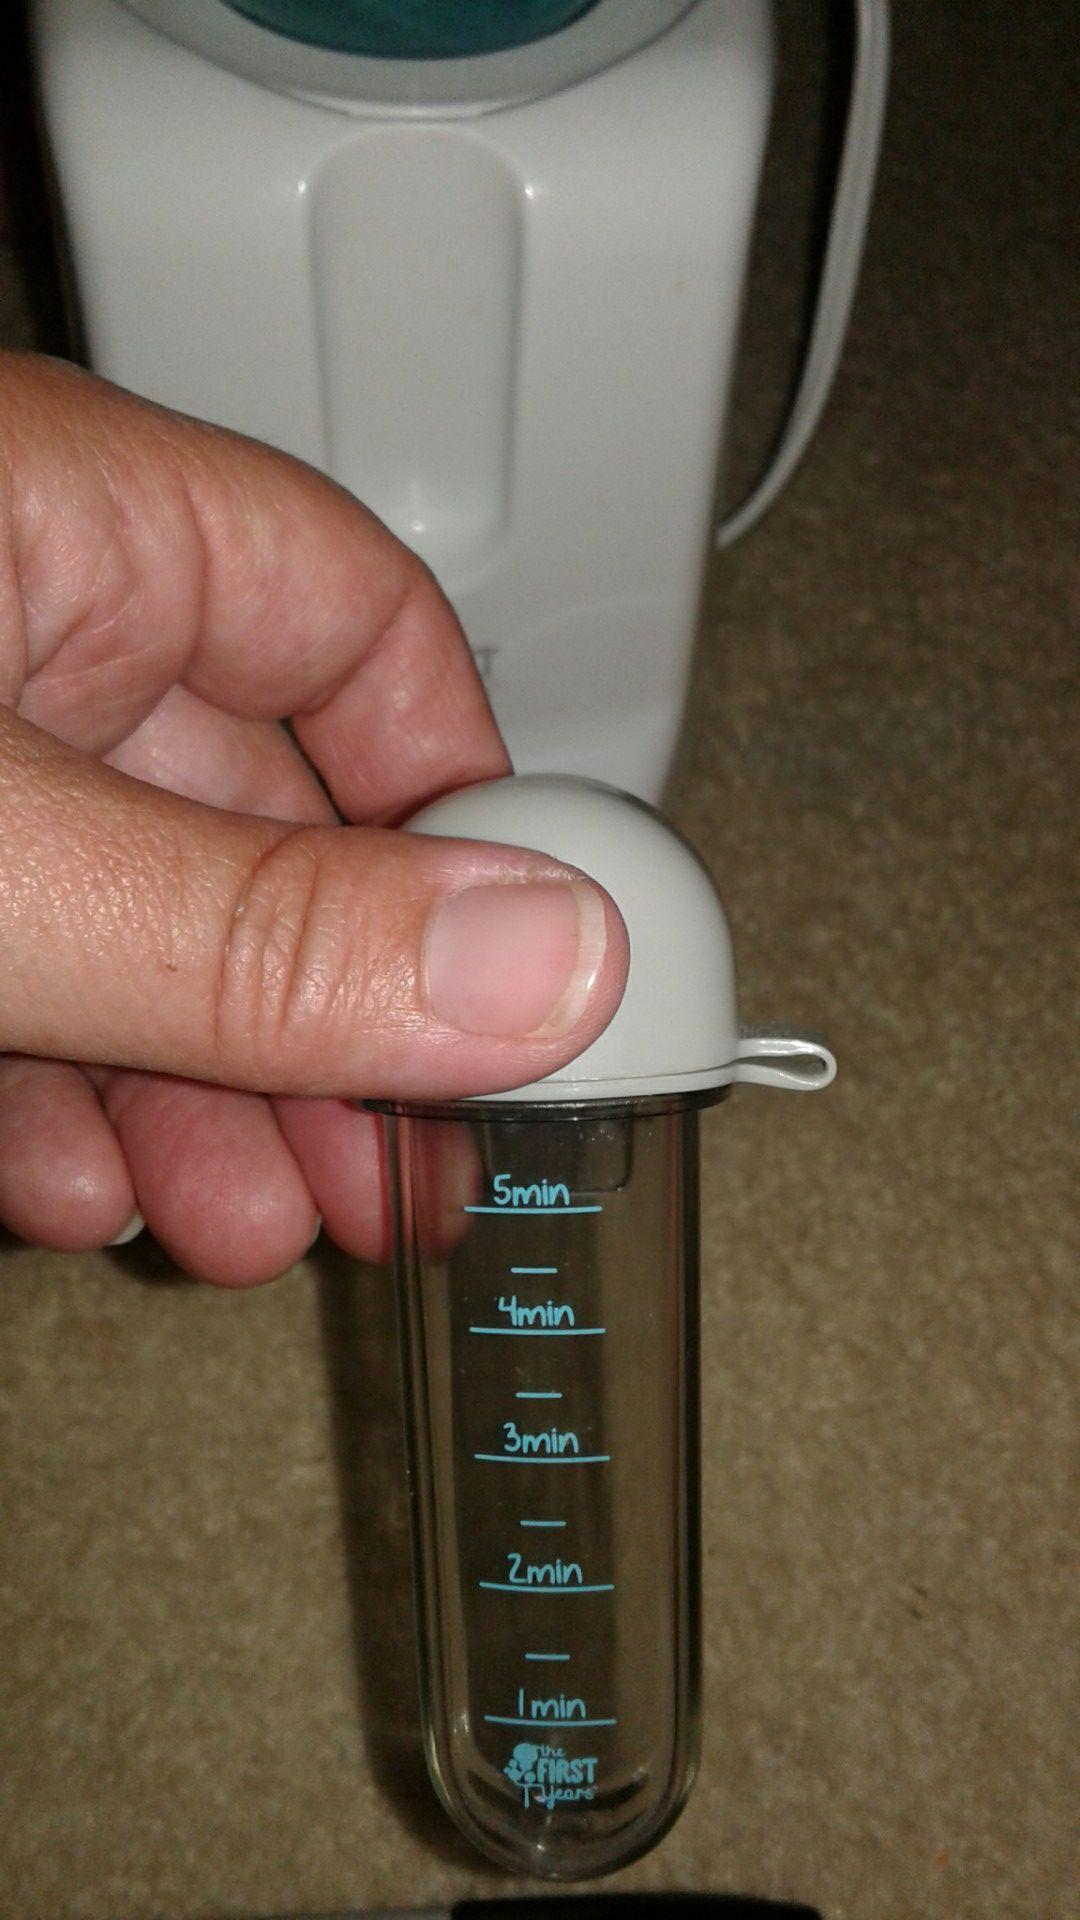 Bottle warmer/sterilizer